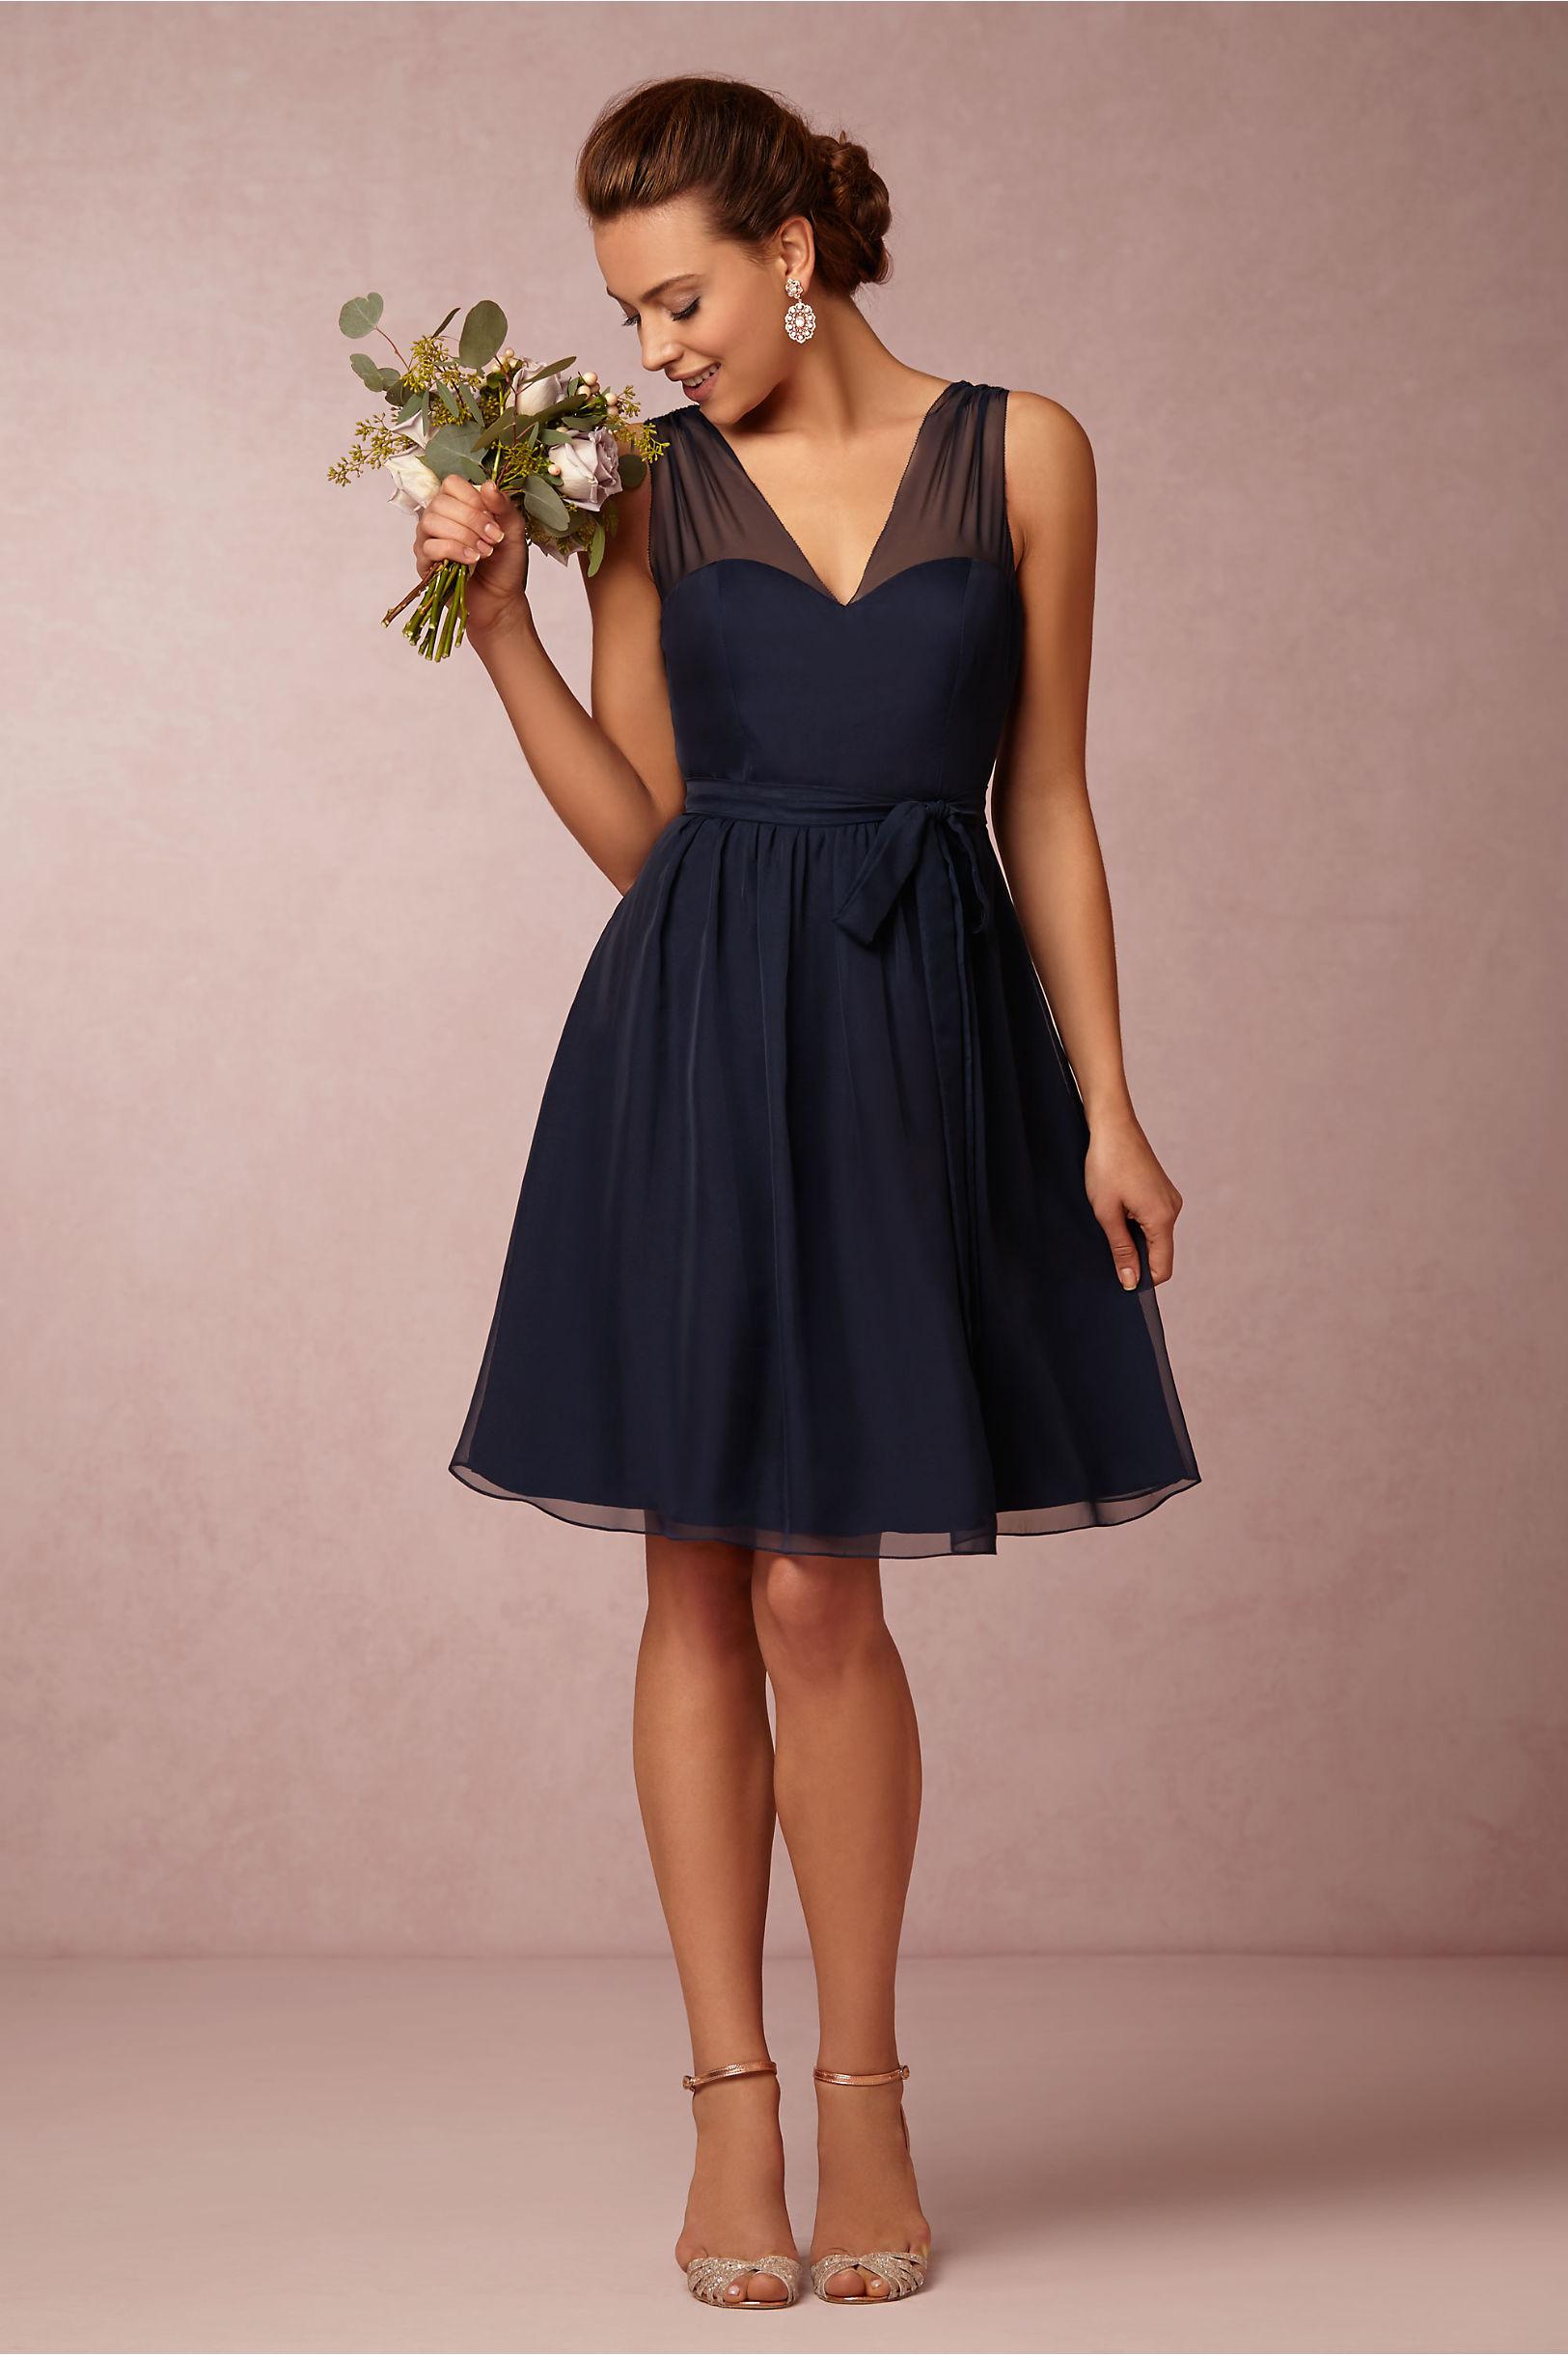 V neck knee length navy chiffon bridesmaid dress sleeveless v neck knee length navy chiffon bridesmaid dress ombrellifo Choice Image